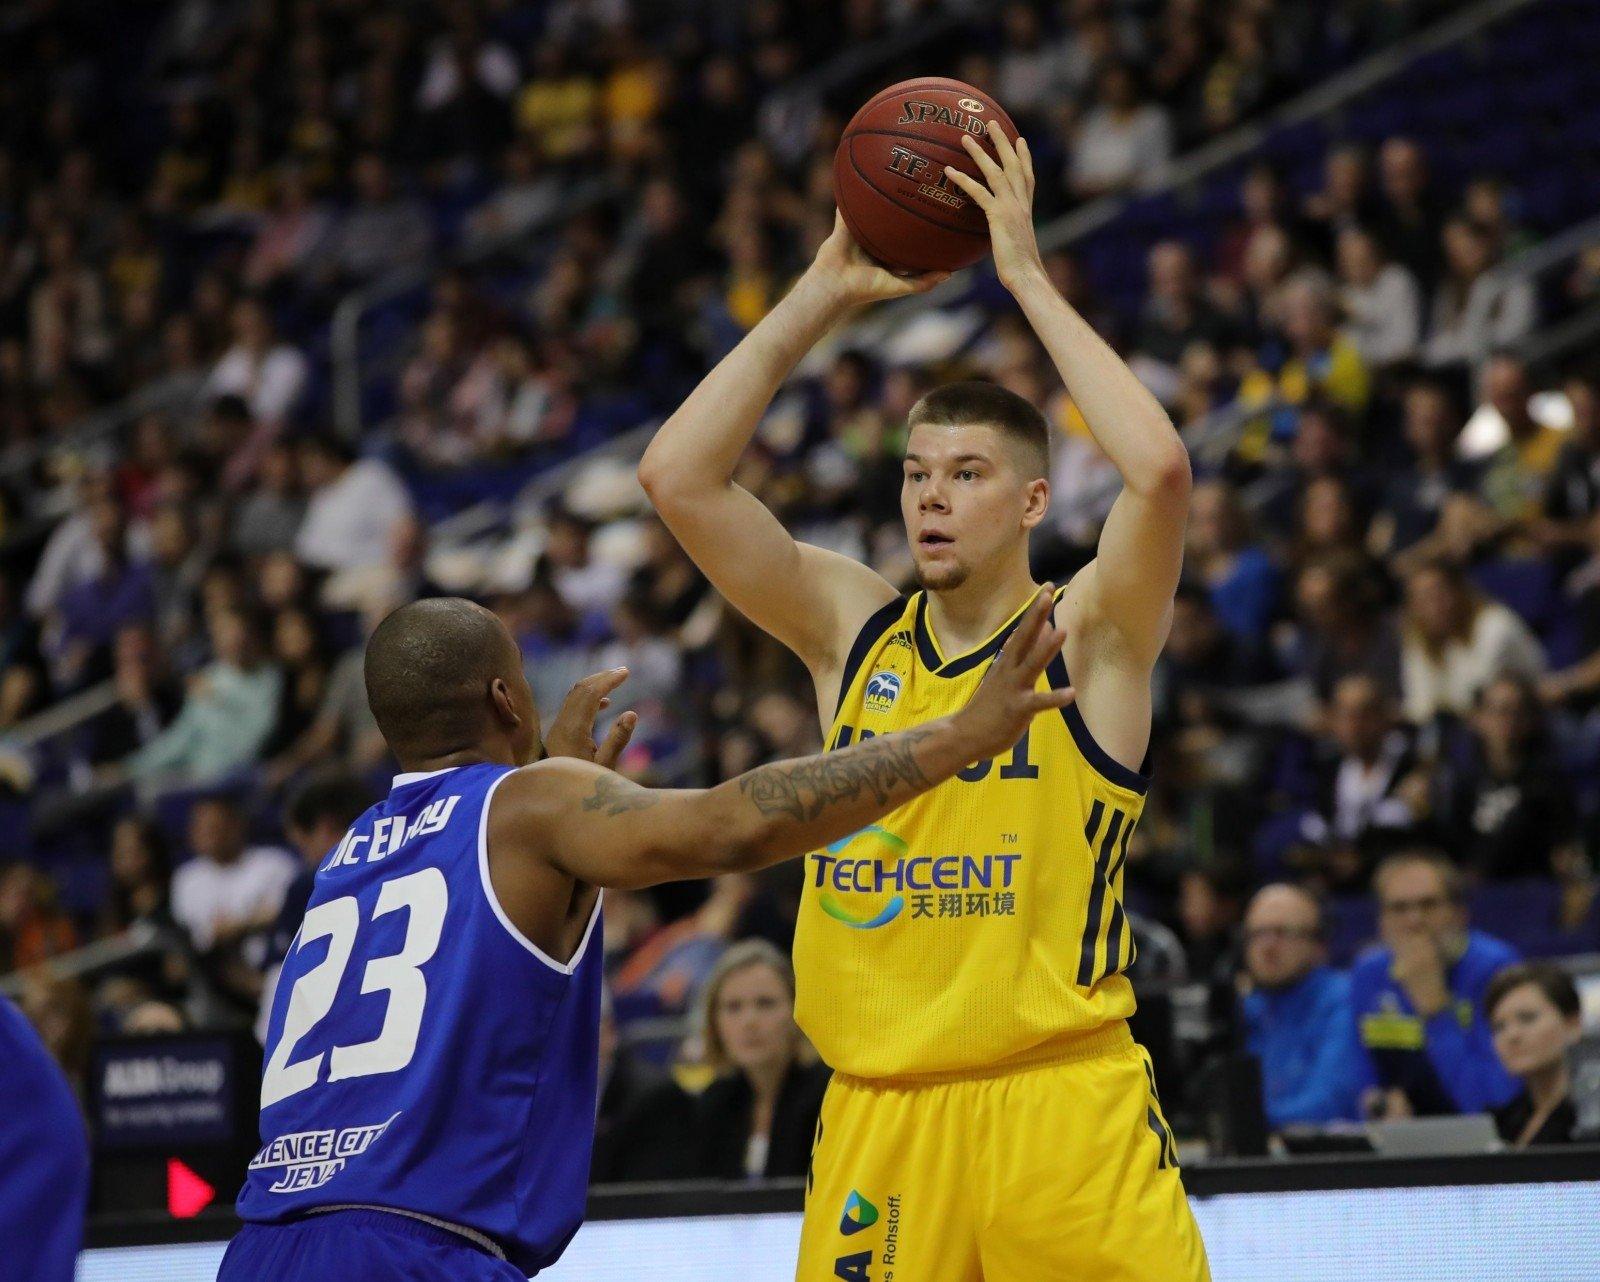 Giedraitis svariai prisidėjo prie ALBA pergalės - Krepšinis.lt